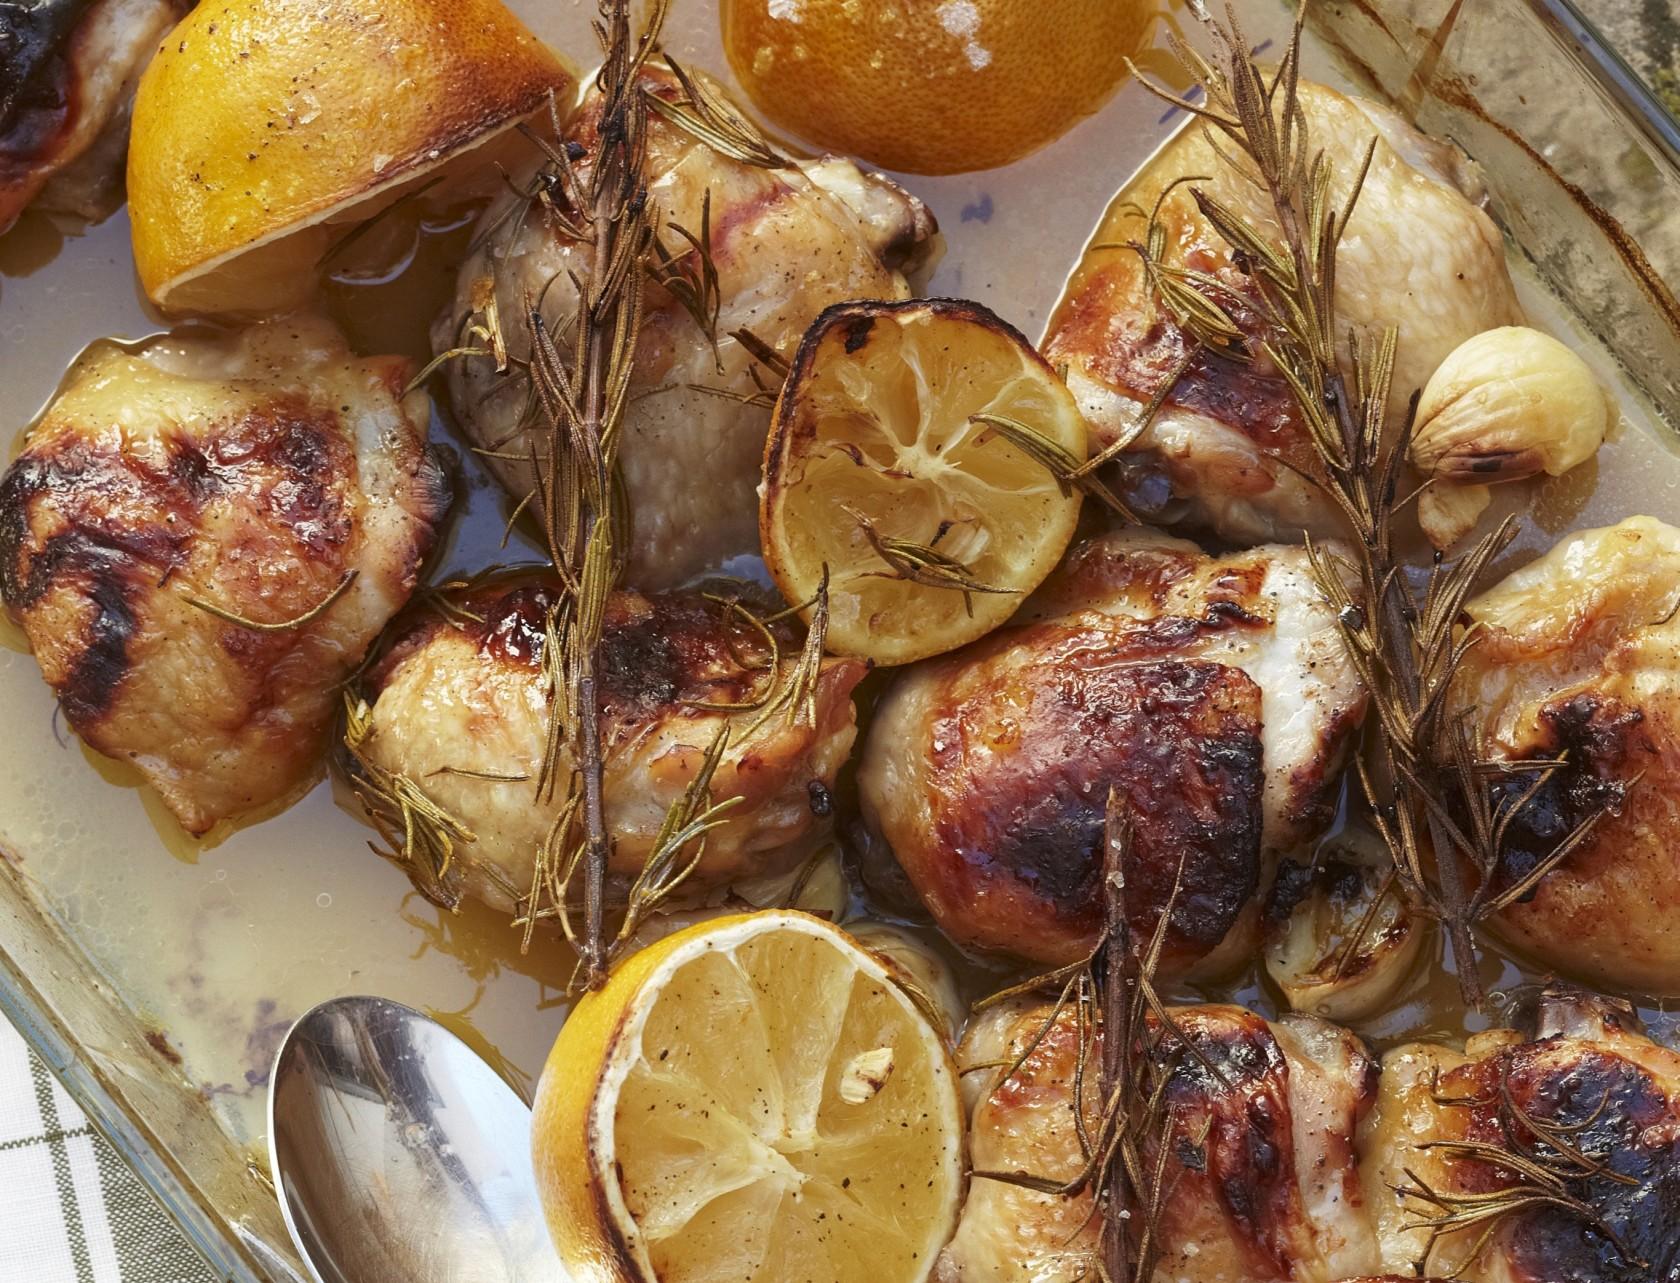 Citronkylling i ovn - nem opskrift på kylling til buffeten eller børnefødselsdagen.